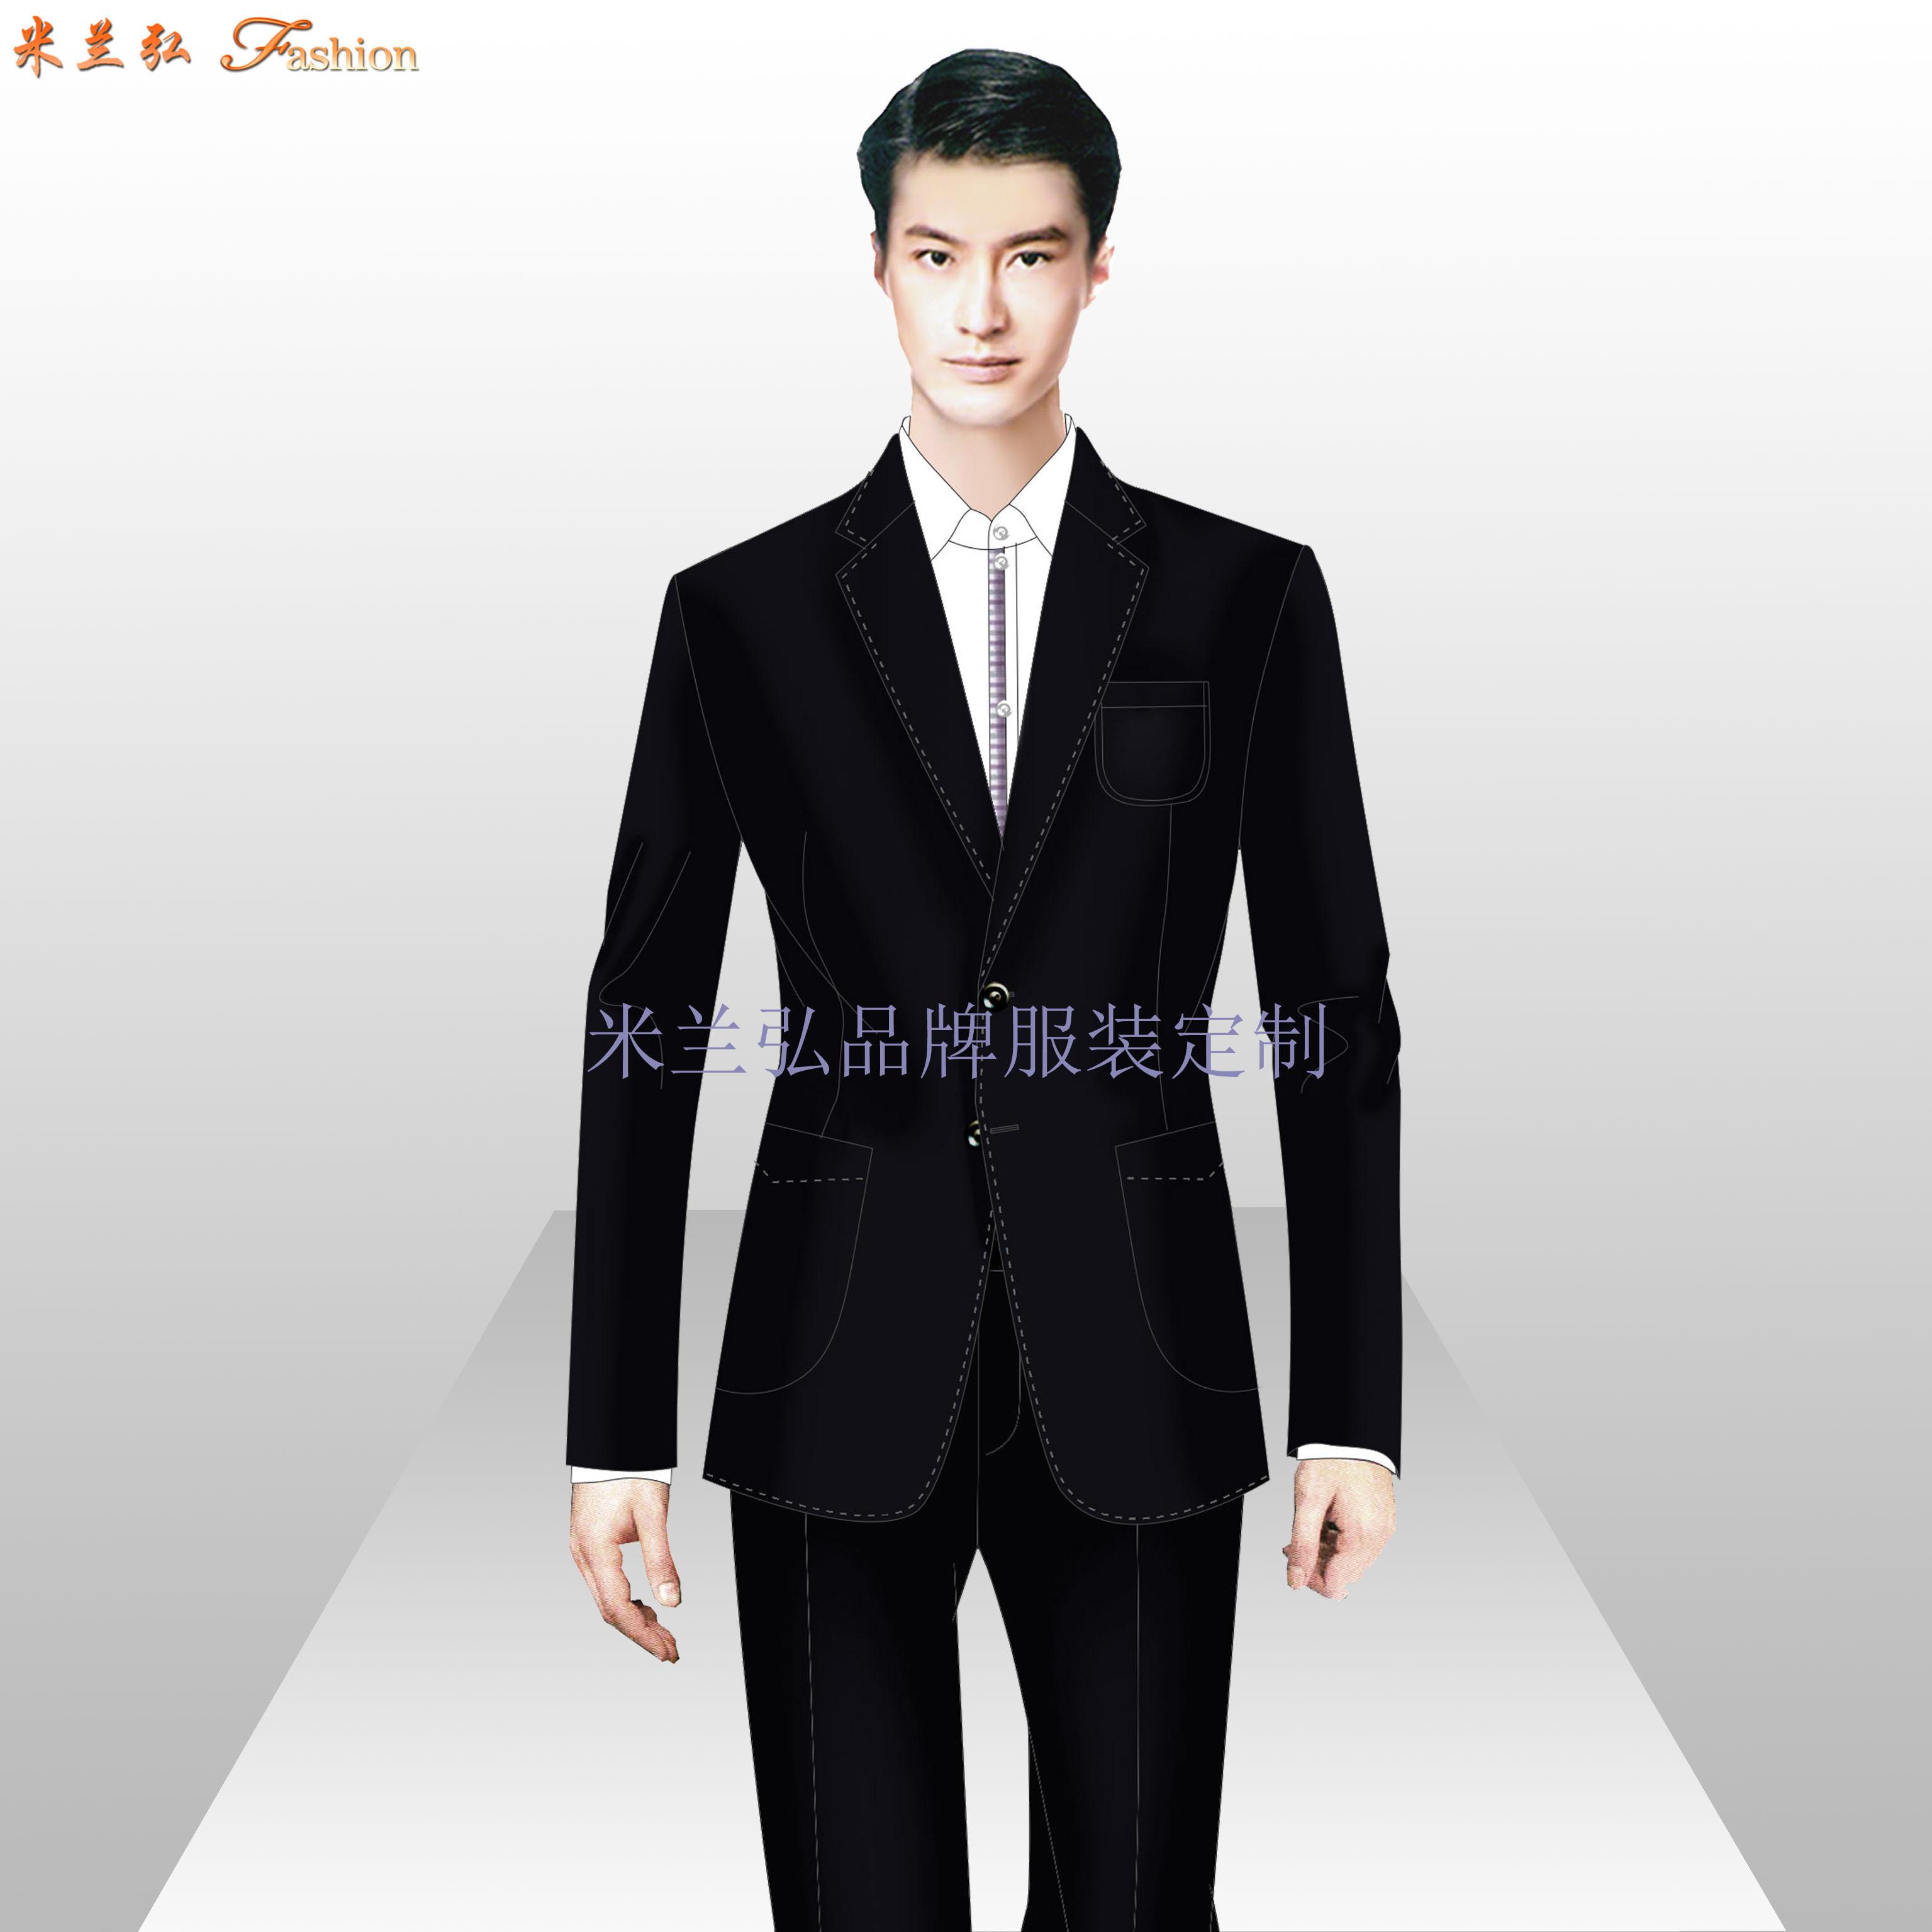 寫字樓物業管家服裝定制-公寓樓物業工作服定做-米蘭弘-5